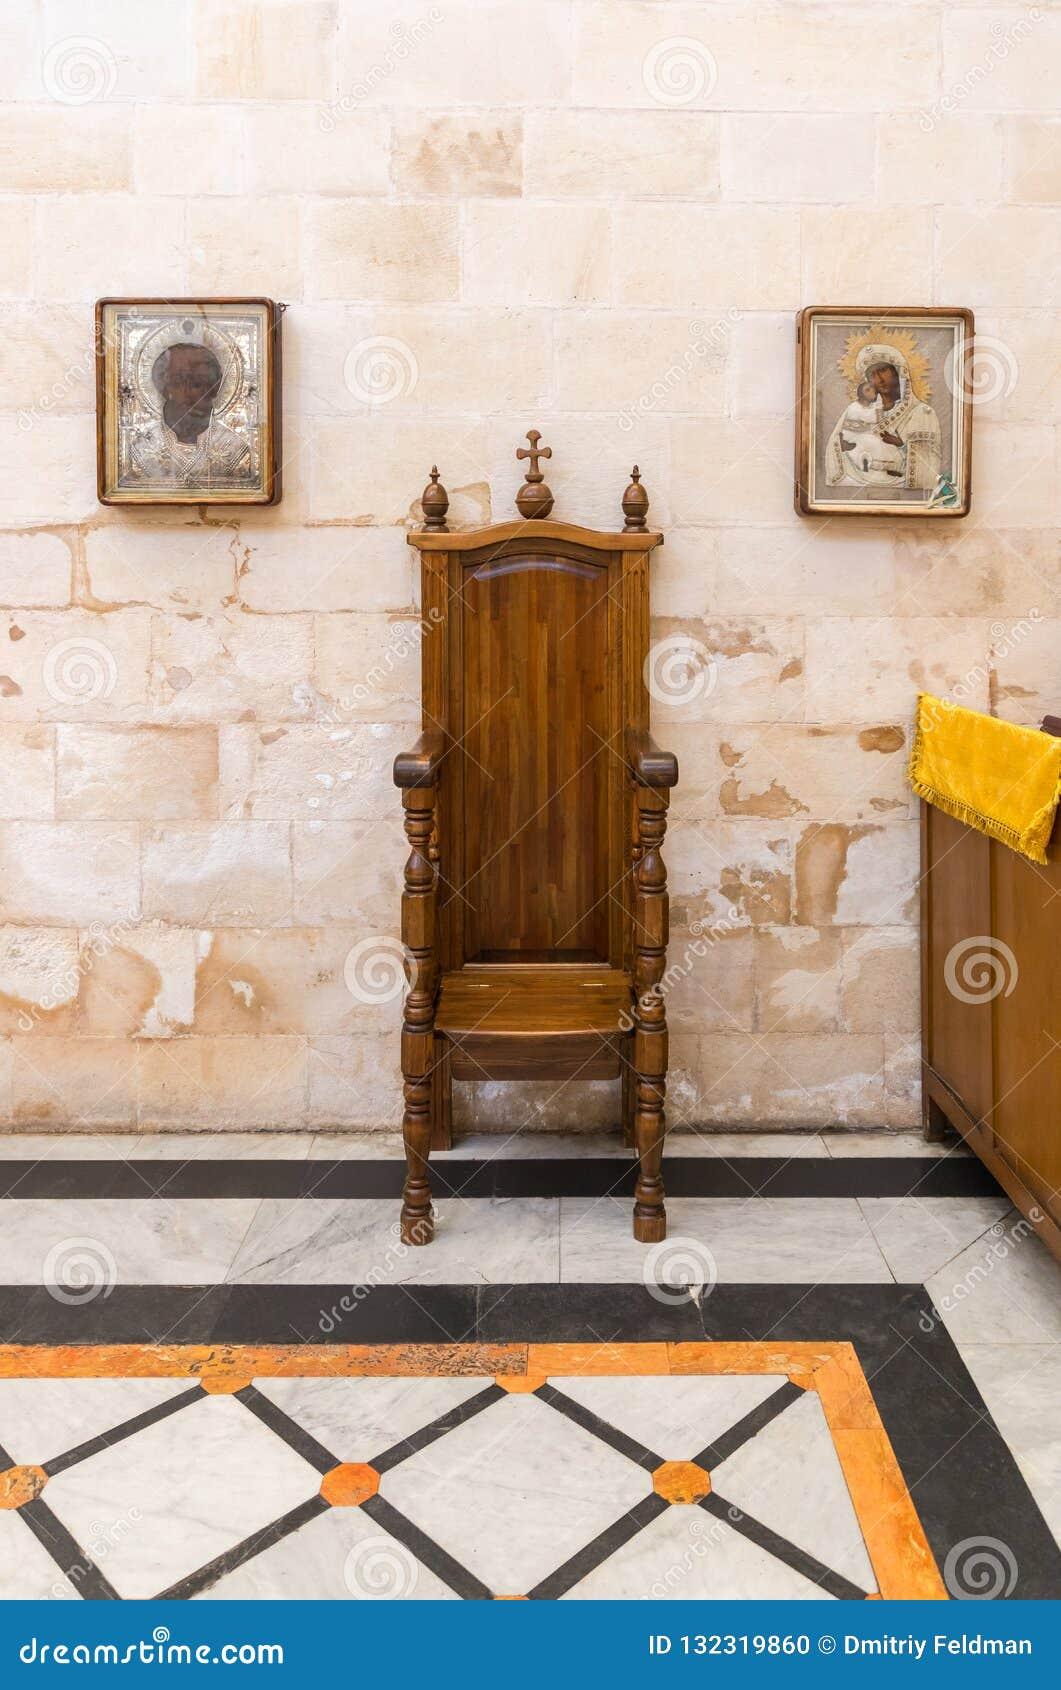 Twee pictogrammen hangen op de muur aan de kanten van de decoratieve houten troon in Alexander Nevsky-kerk in Jeruzalem, Israël